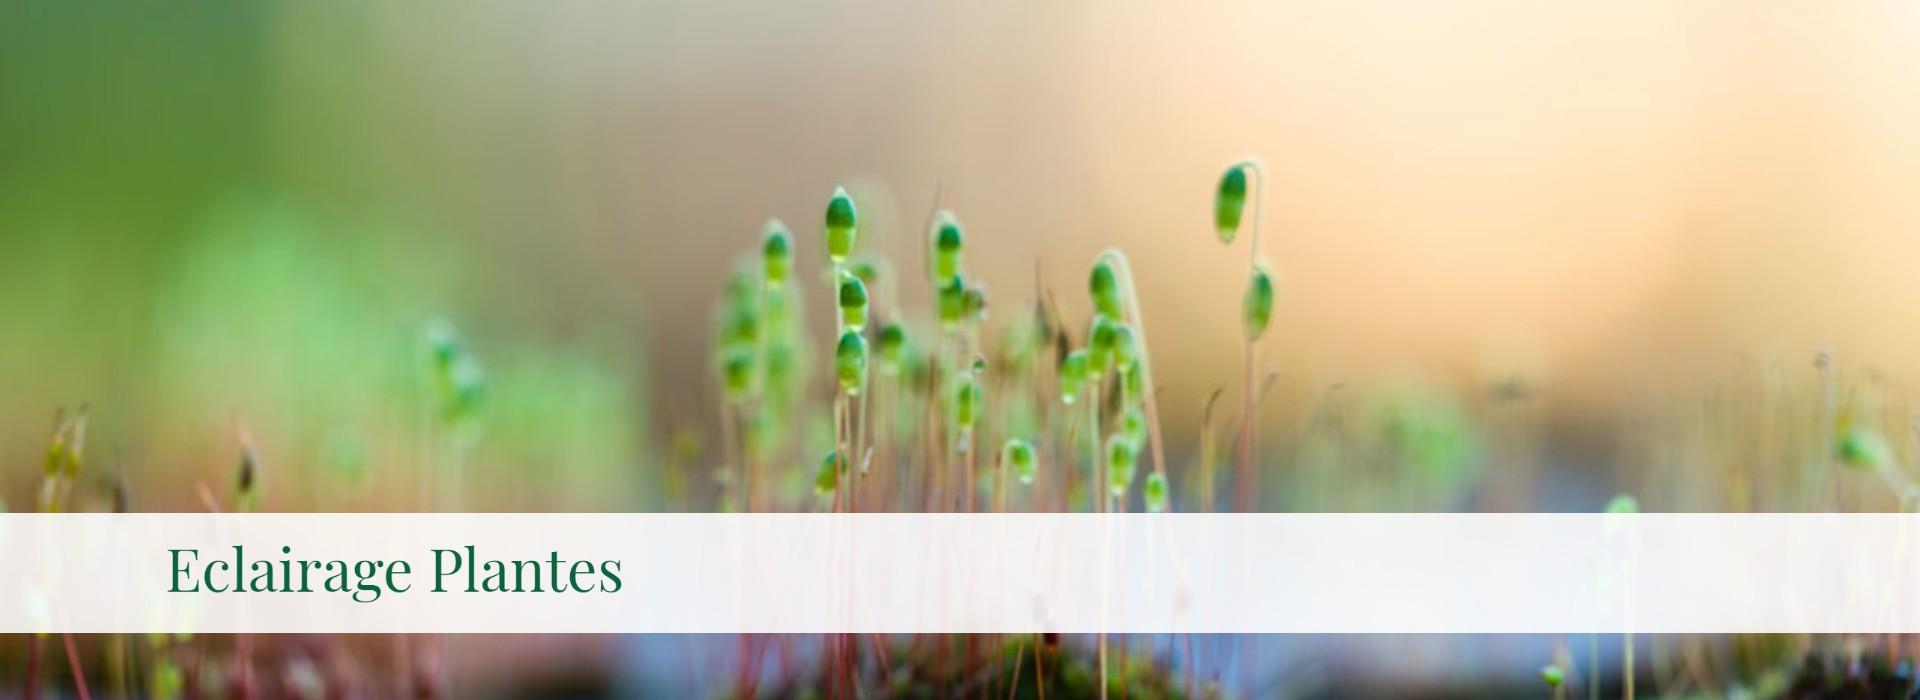 Eclairage Plantes